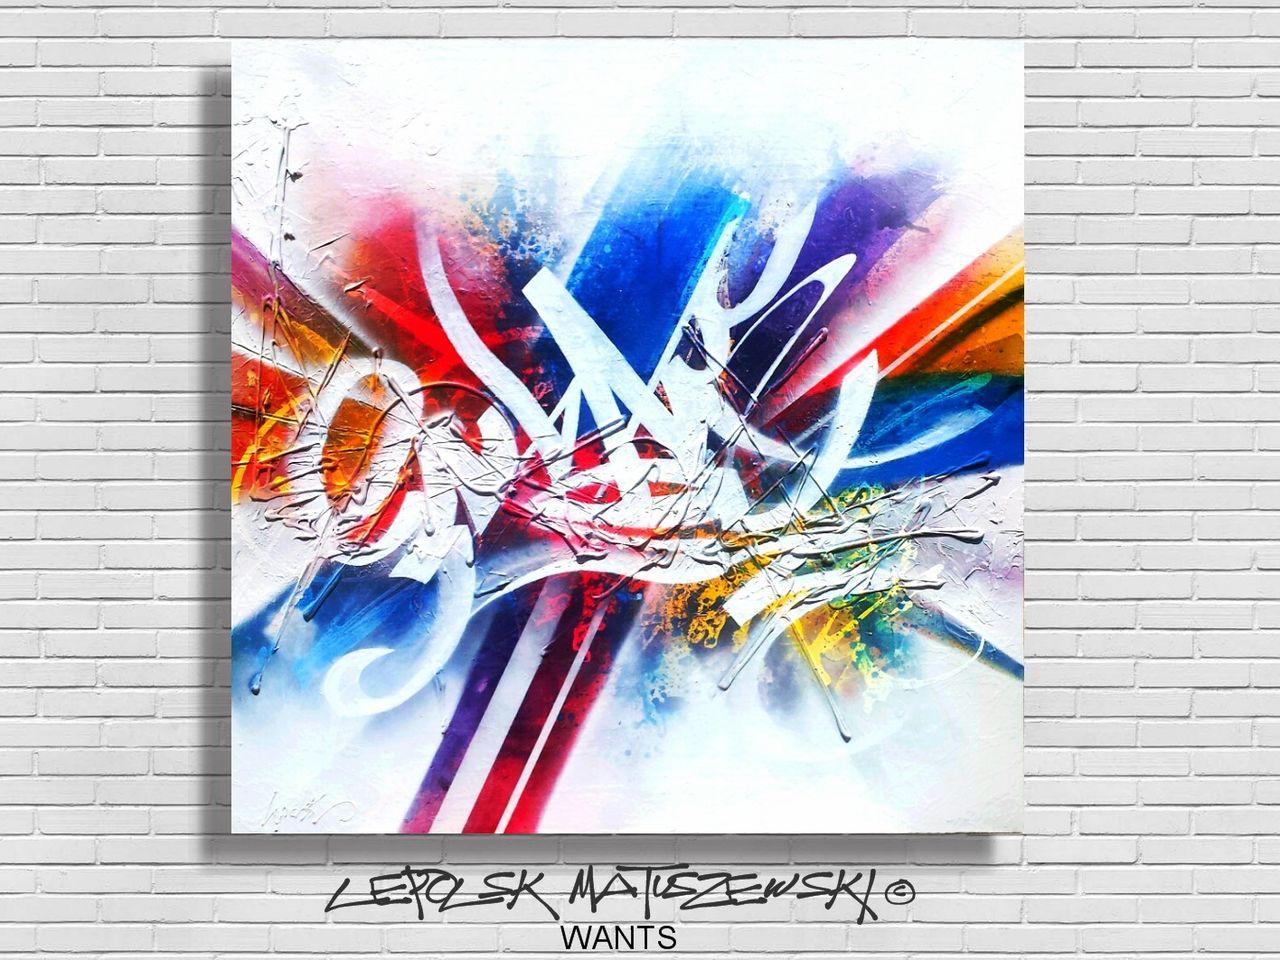 MISTER K  (Lepolsk Matuszewski) WANTS  ( expressionnisme abstrait contemporain graffiti )